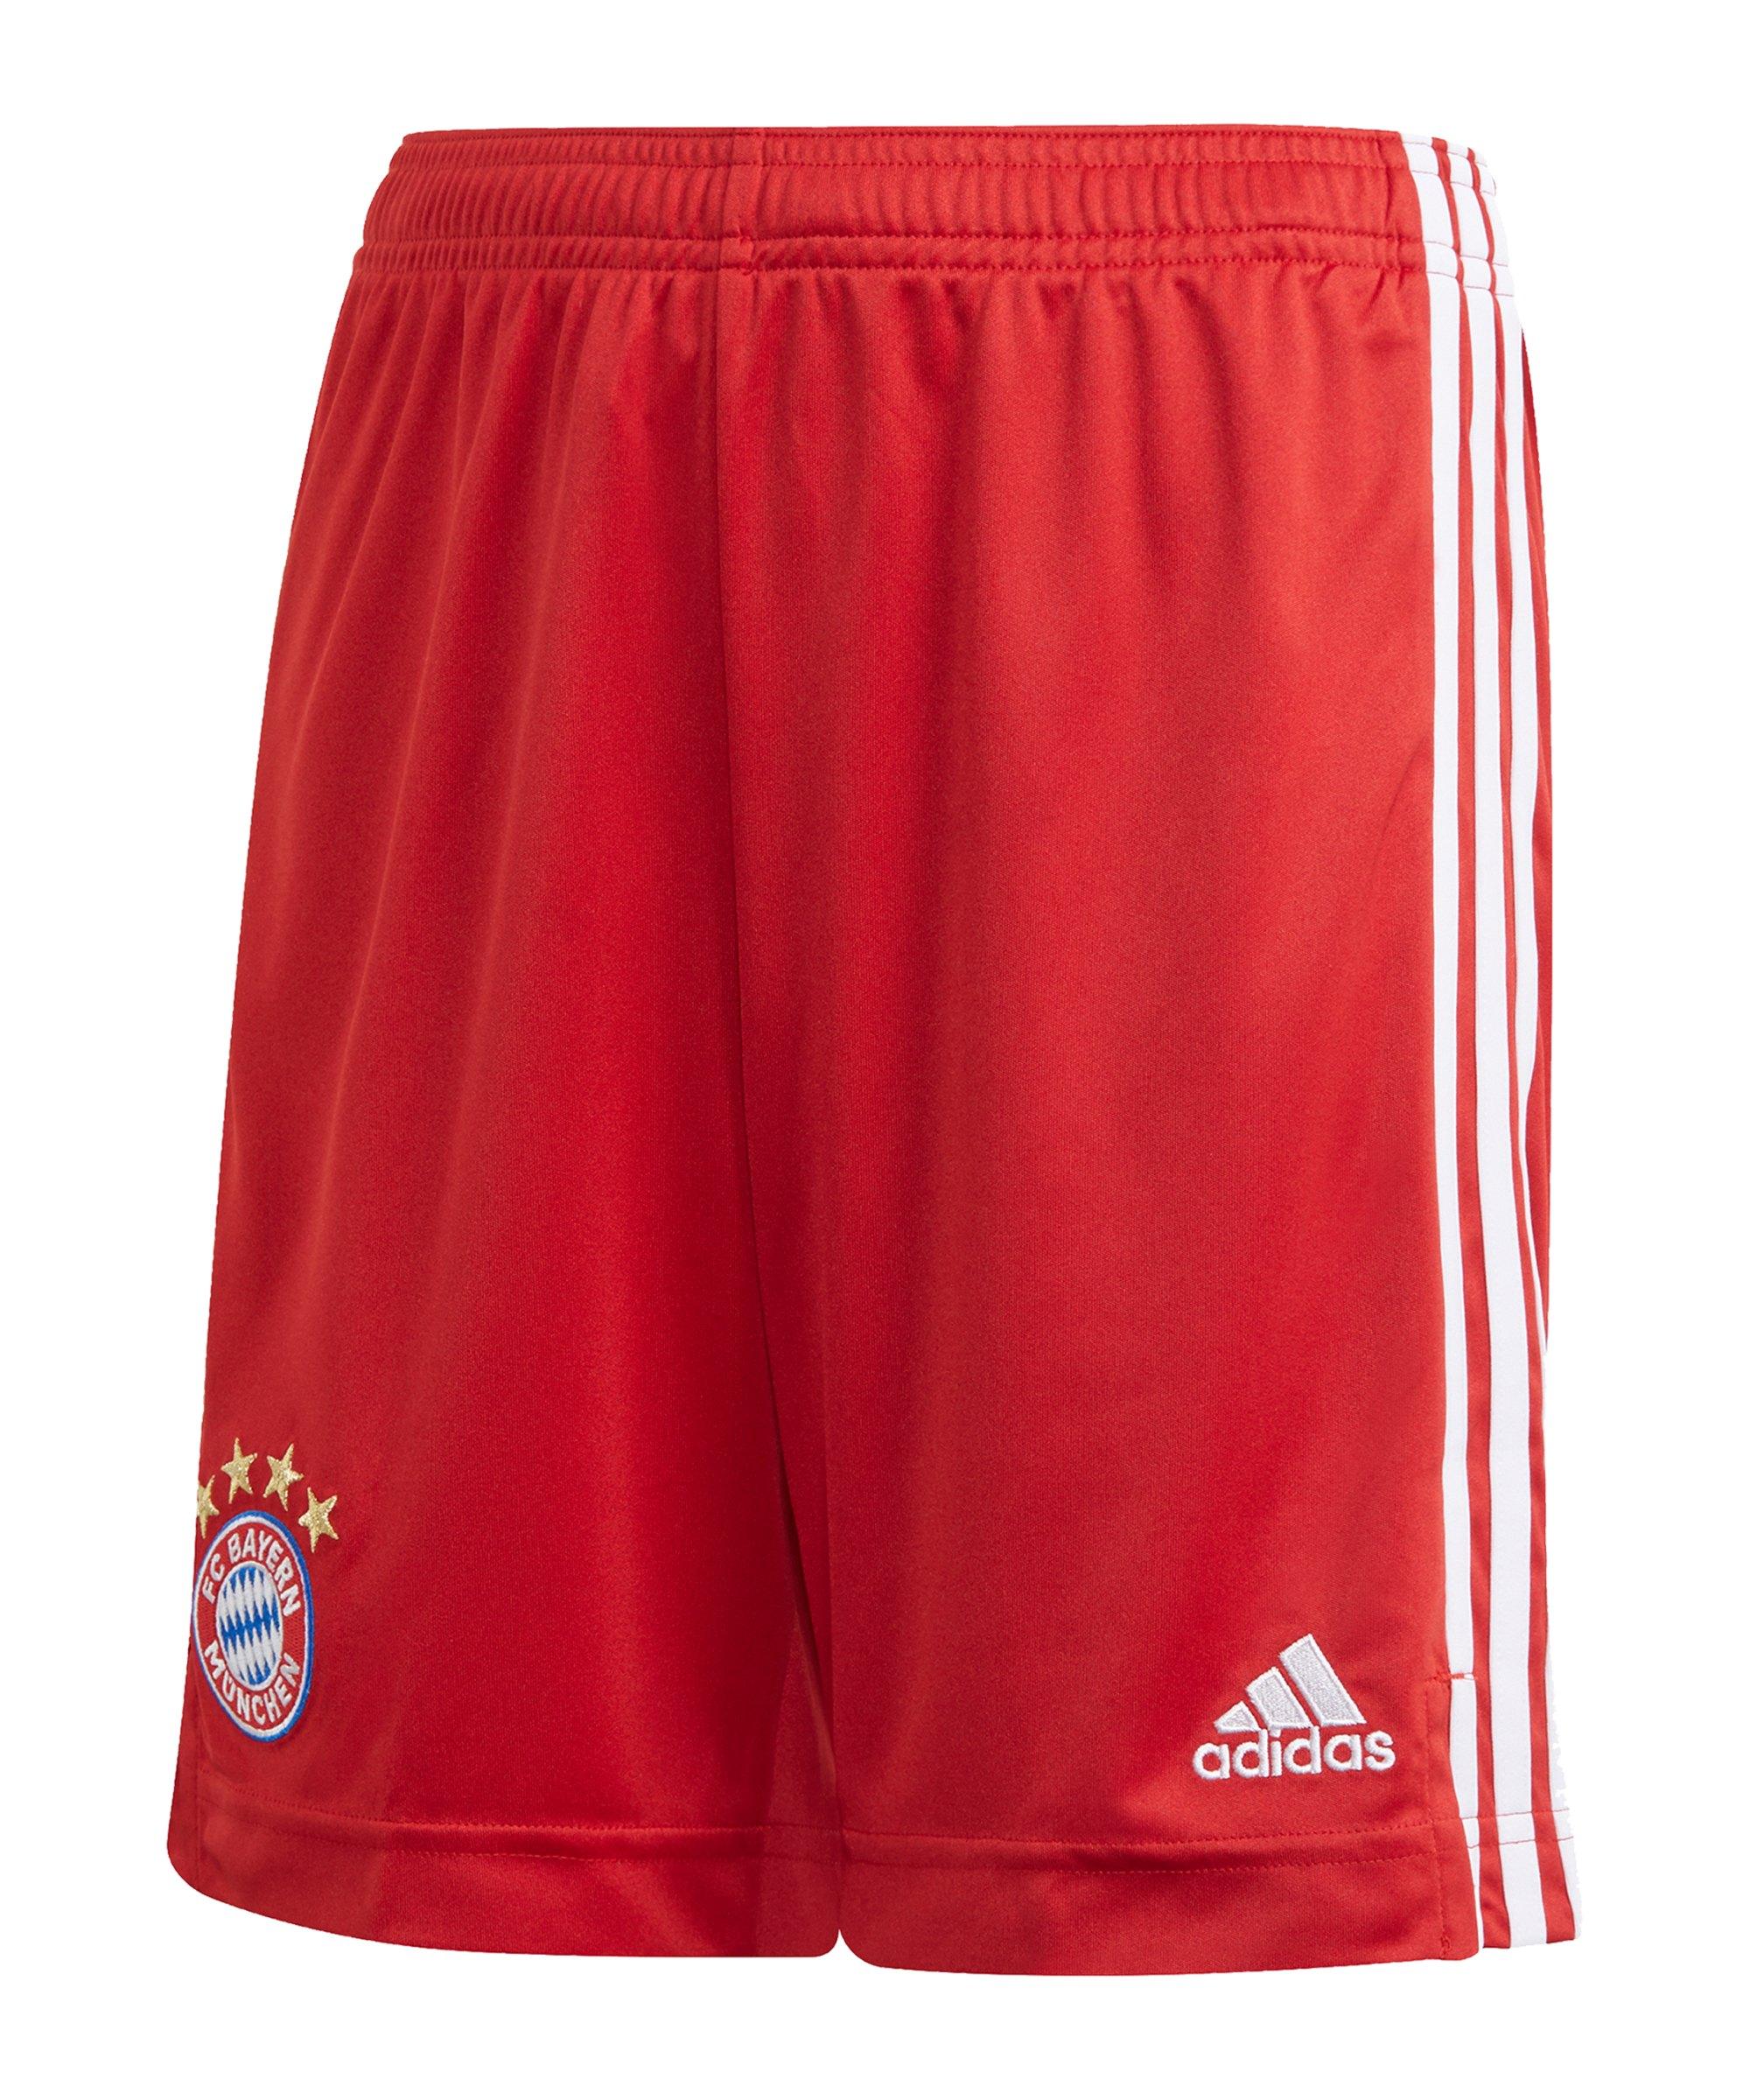 adidas FC Bayern München Short Home 2020/2021 - rot